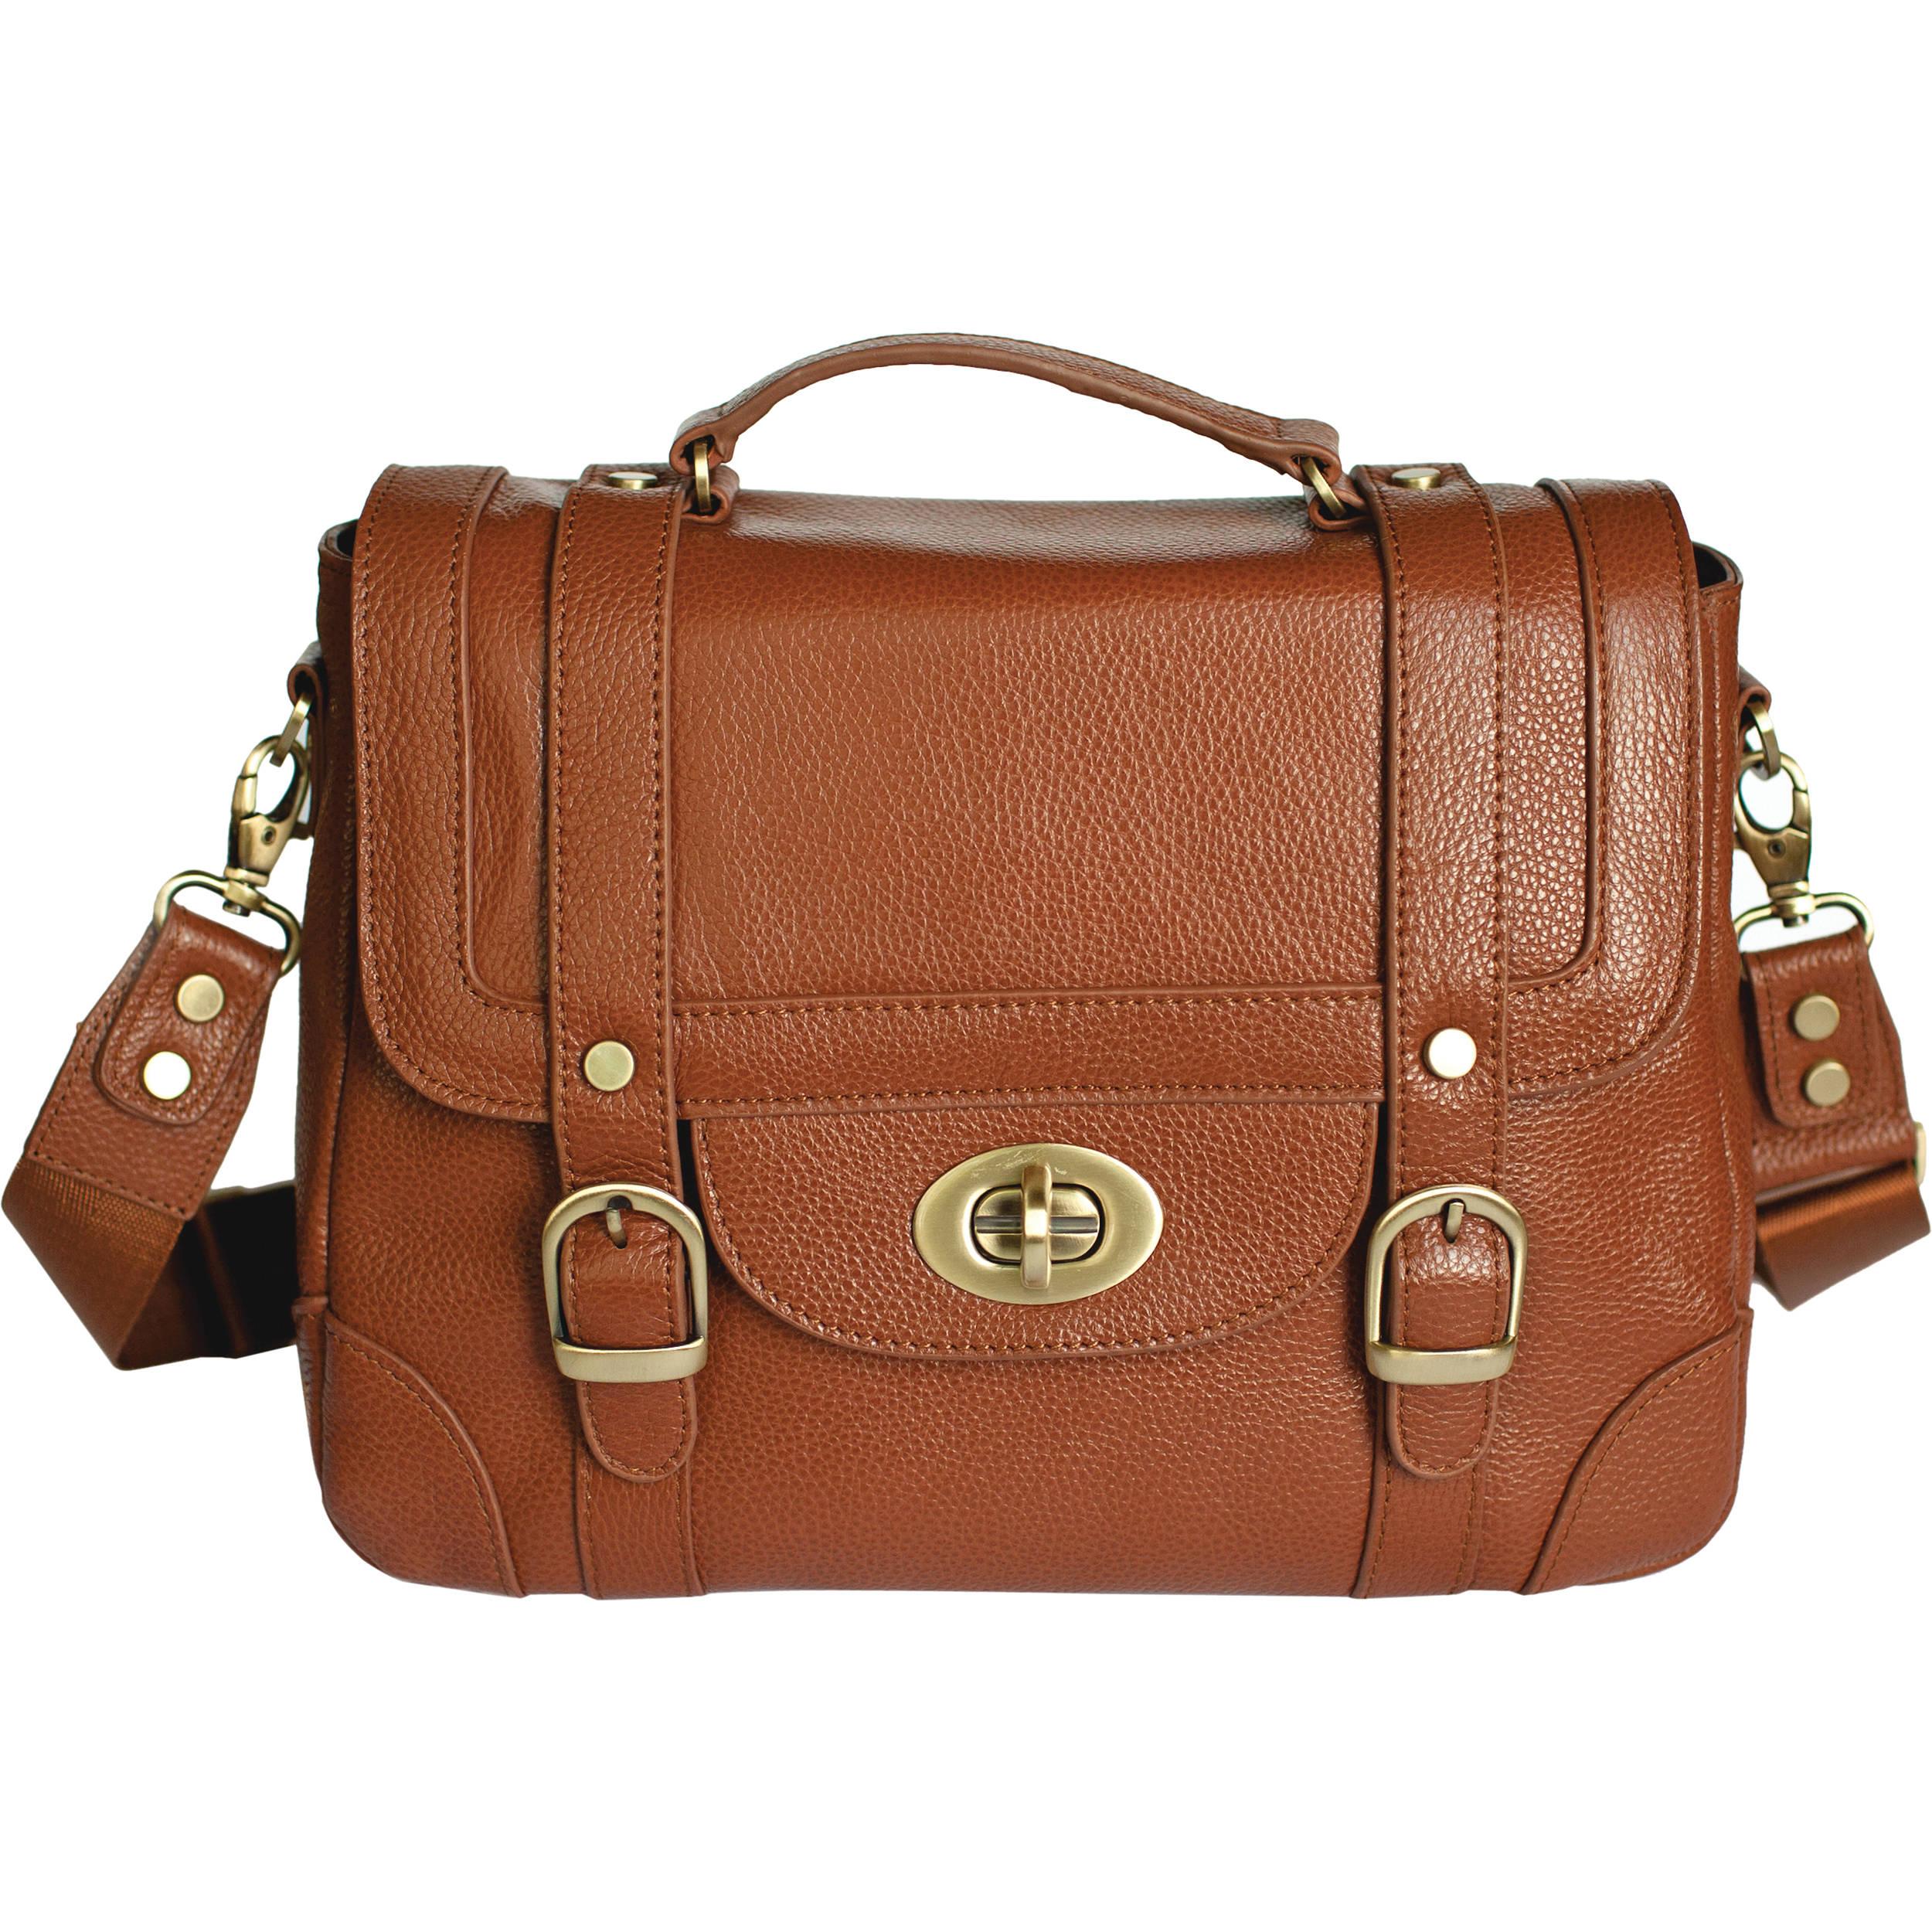 Ketti Handbags The School Camera Bag Caramel